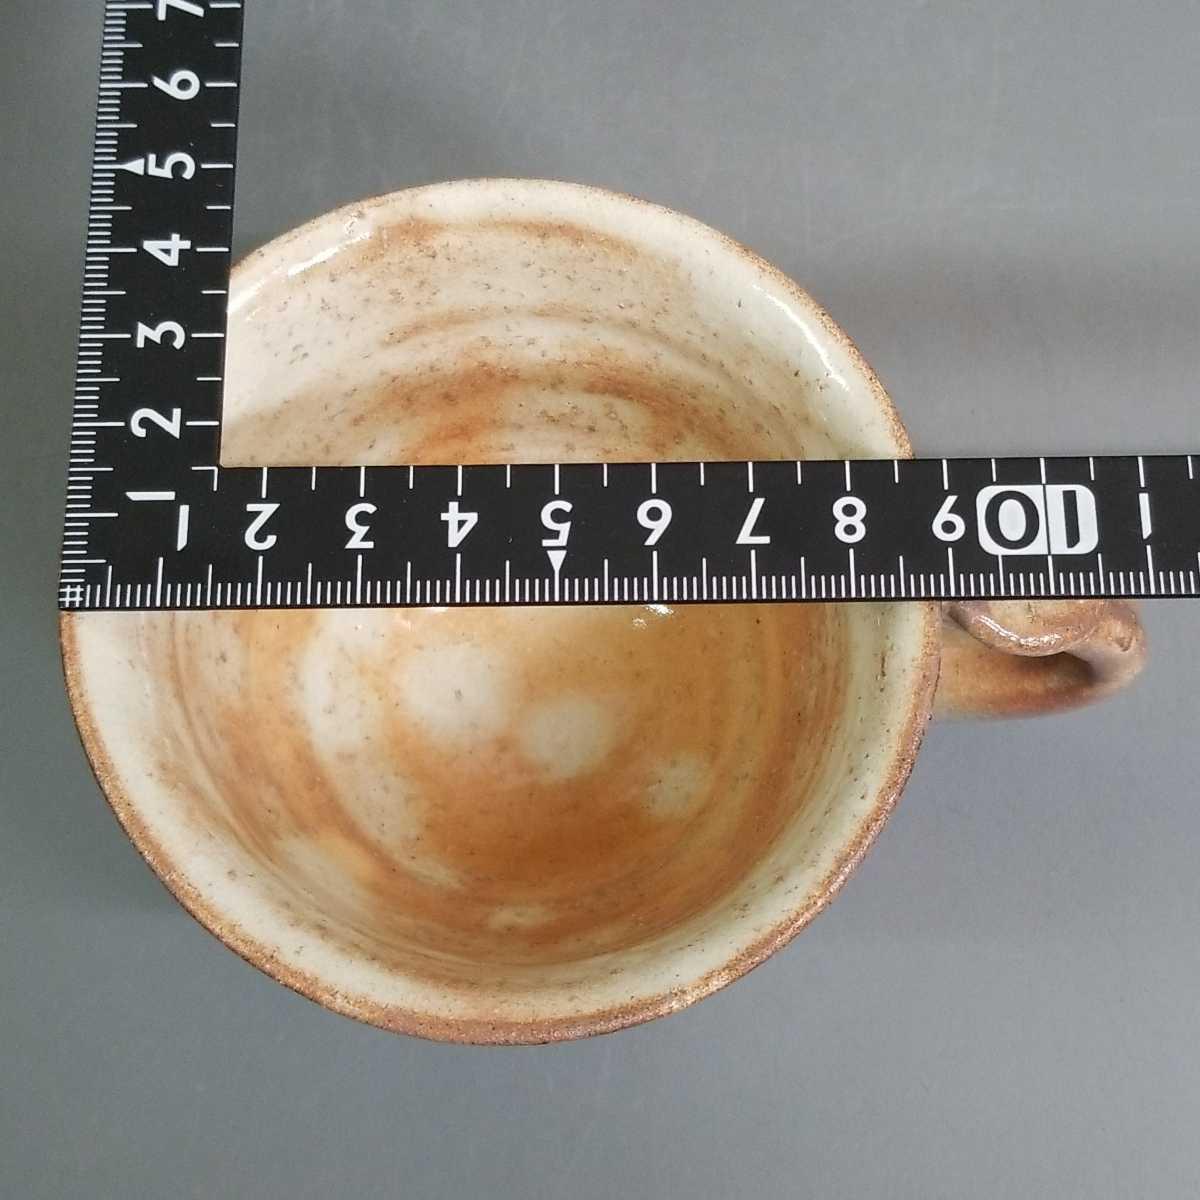 緒63)萩焼 渋谷泥詩 見島コーヒーカップ マグカップ 珈琲器 茶器 未使用新品 同梱歓迎_画像8